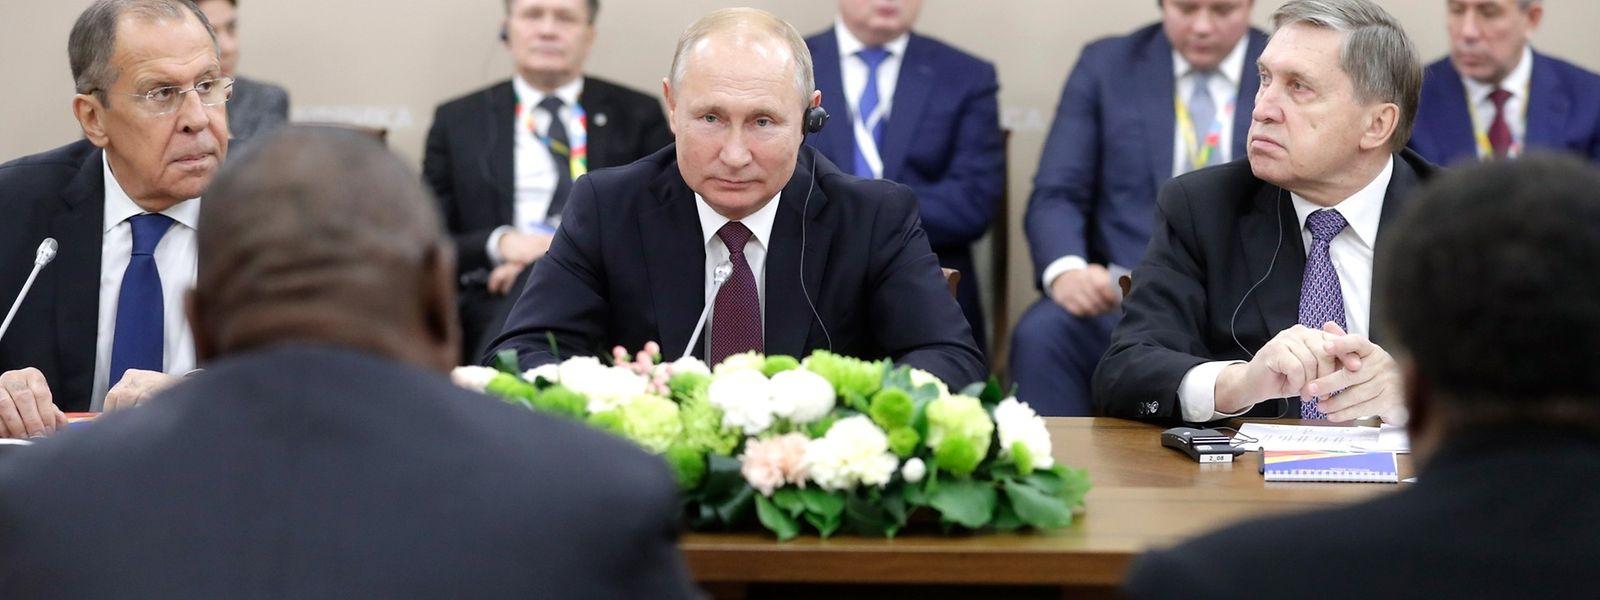 Sotschi: Cyril Ramaphosa (2.v.l), Präsident von Südafrika, trifft sich mit Wladimir Putin (M), Präsident von Russland, und Sergei Lawrow (l), Außenminister von Russland, während des ersten Afrika-Russland-Gipfels.